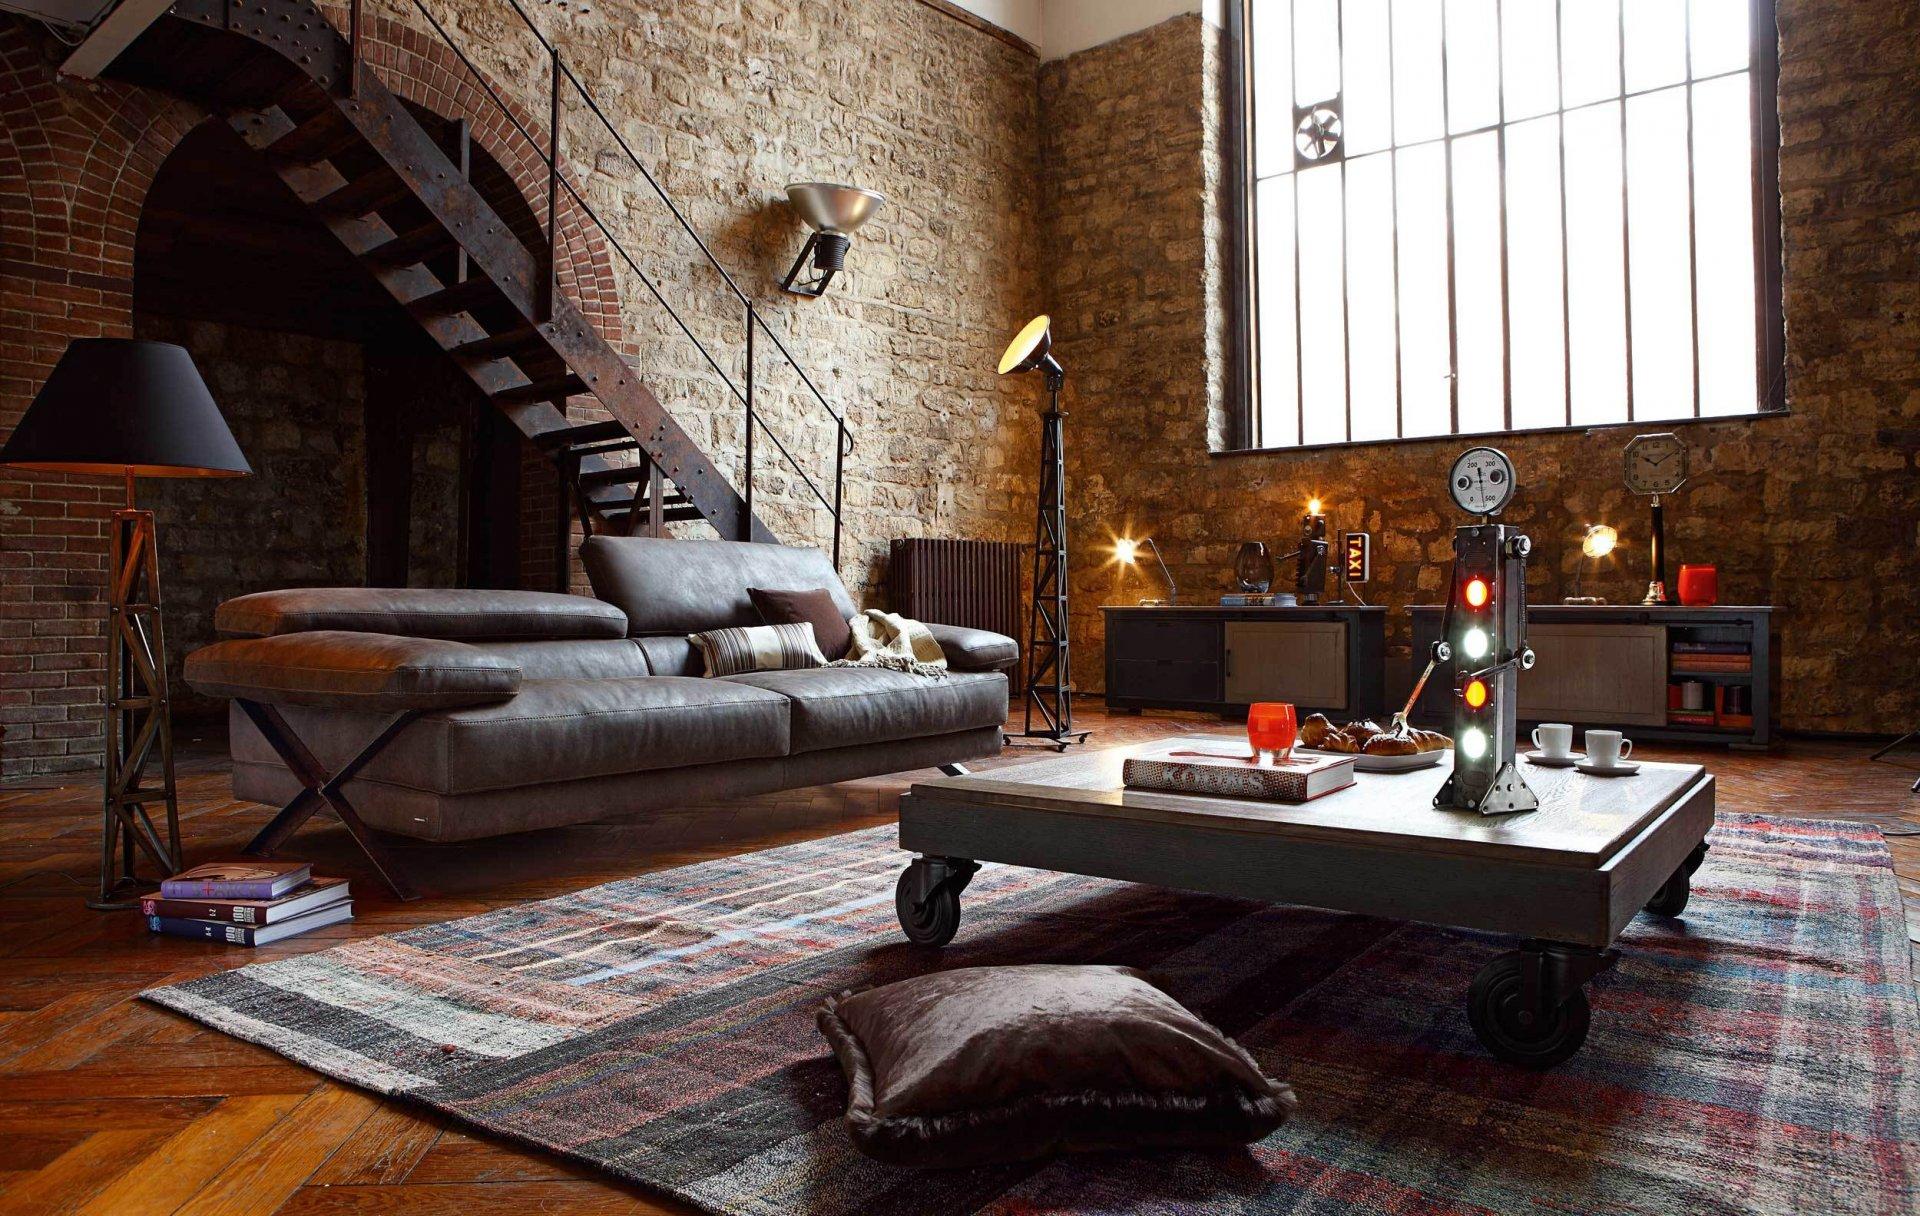 Спальня в стиле хай-тек — специфика стиля, материалы и способы отделки, варианты меблировки, нюансы планировки. 100 фото-идей дизайна 2019